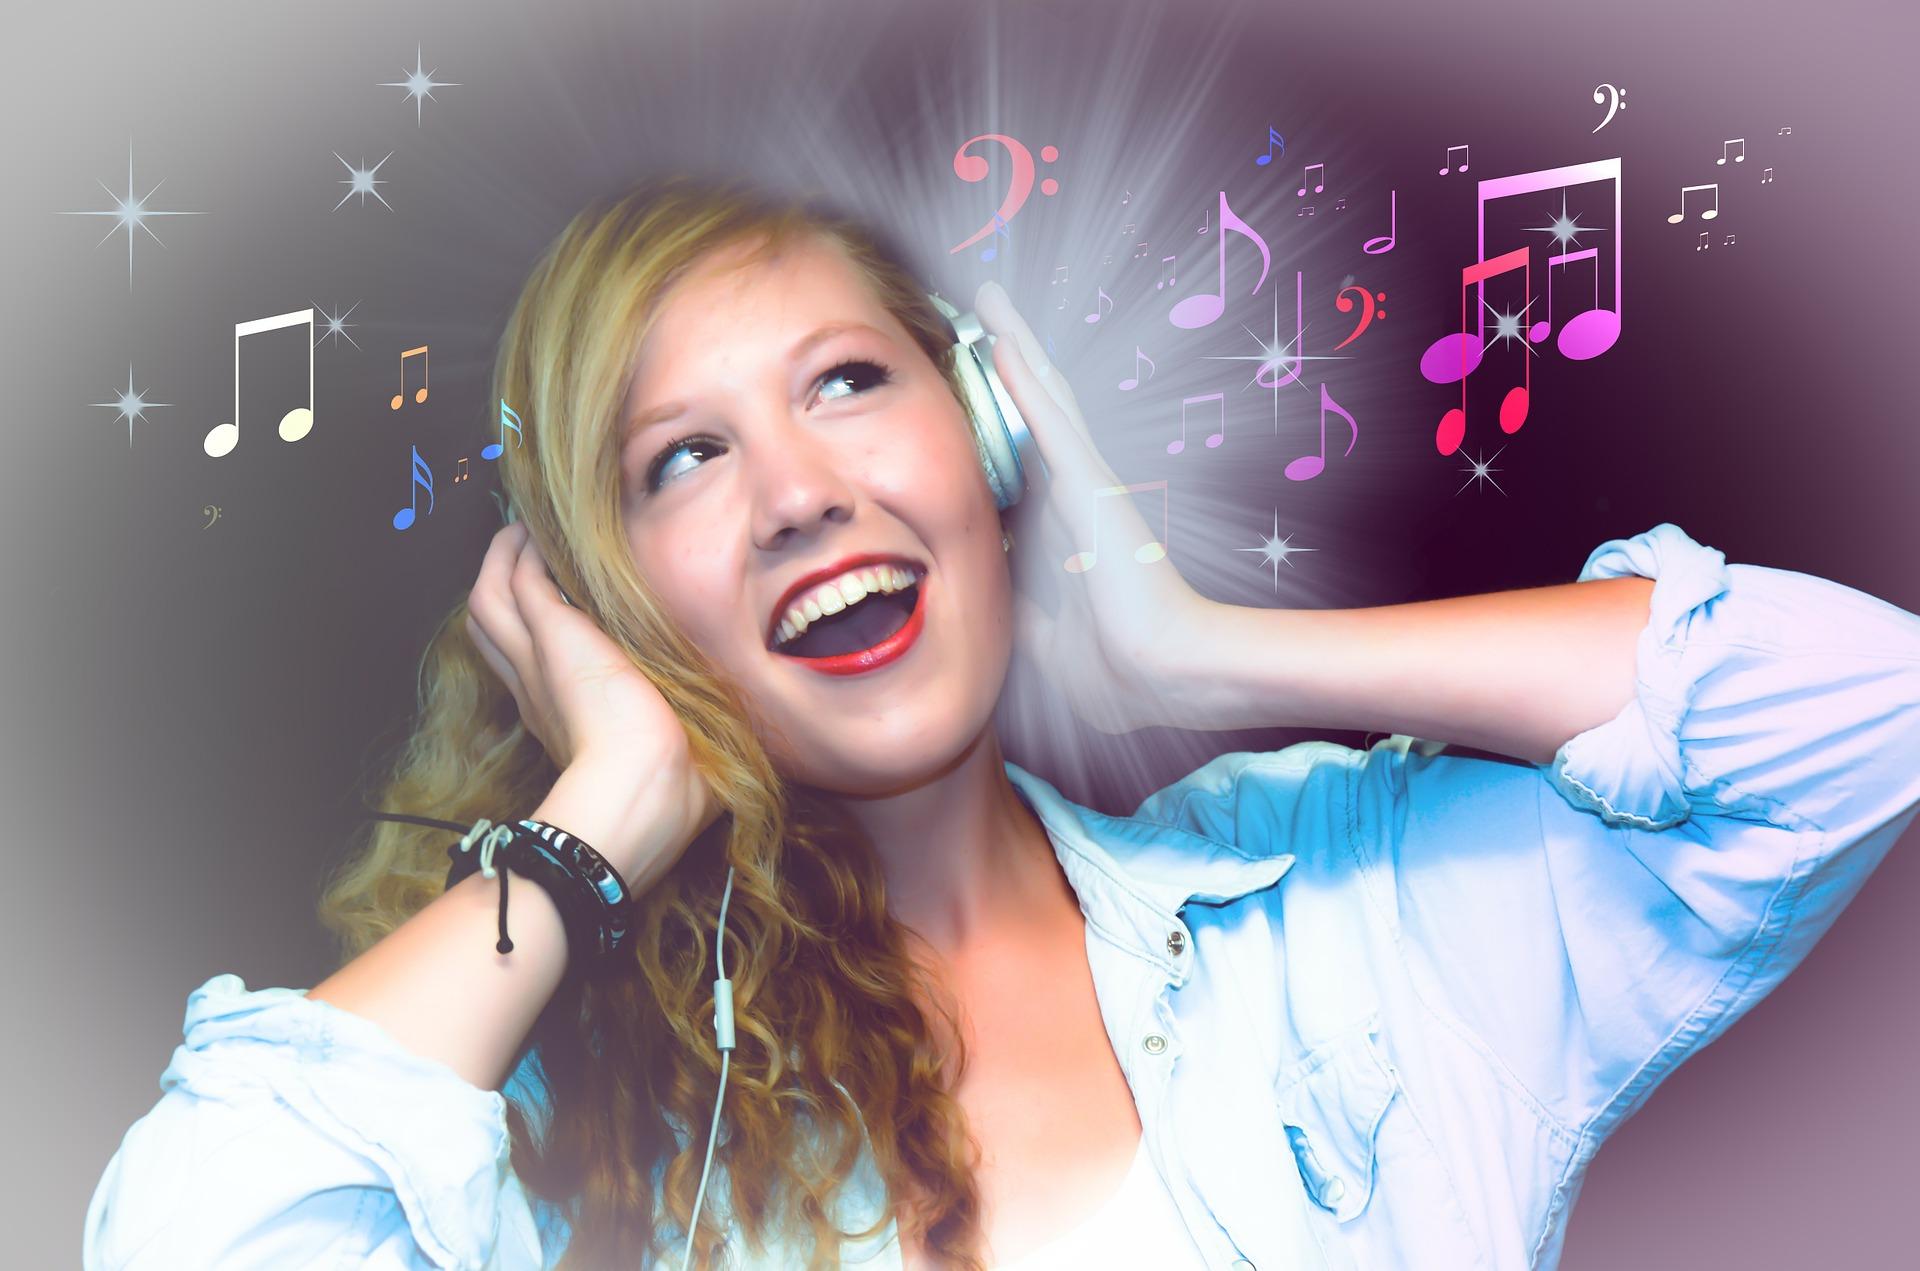 karoke-singer